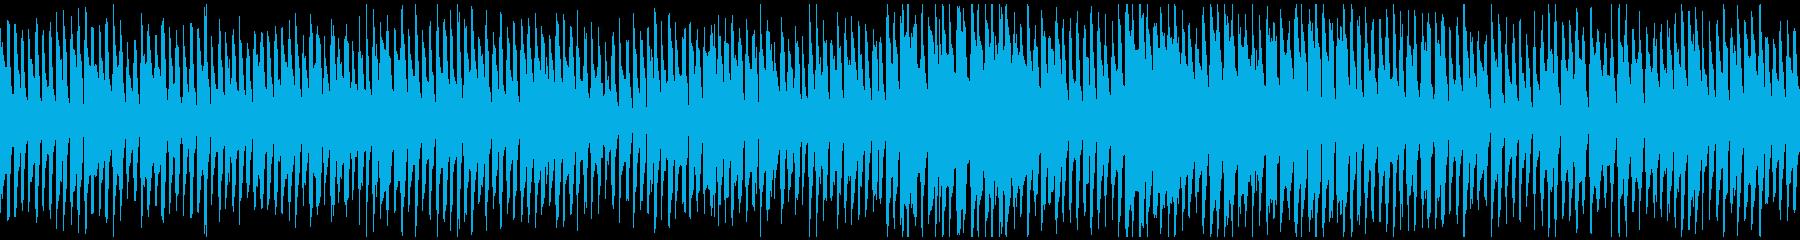 明るい楽しいリコーダー、遠足 ※ループ版の再生済みの波形